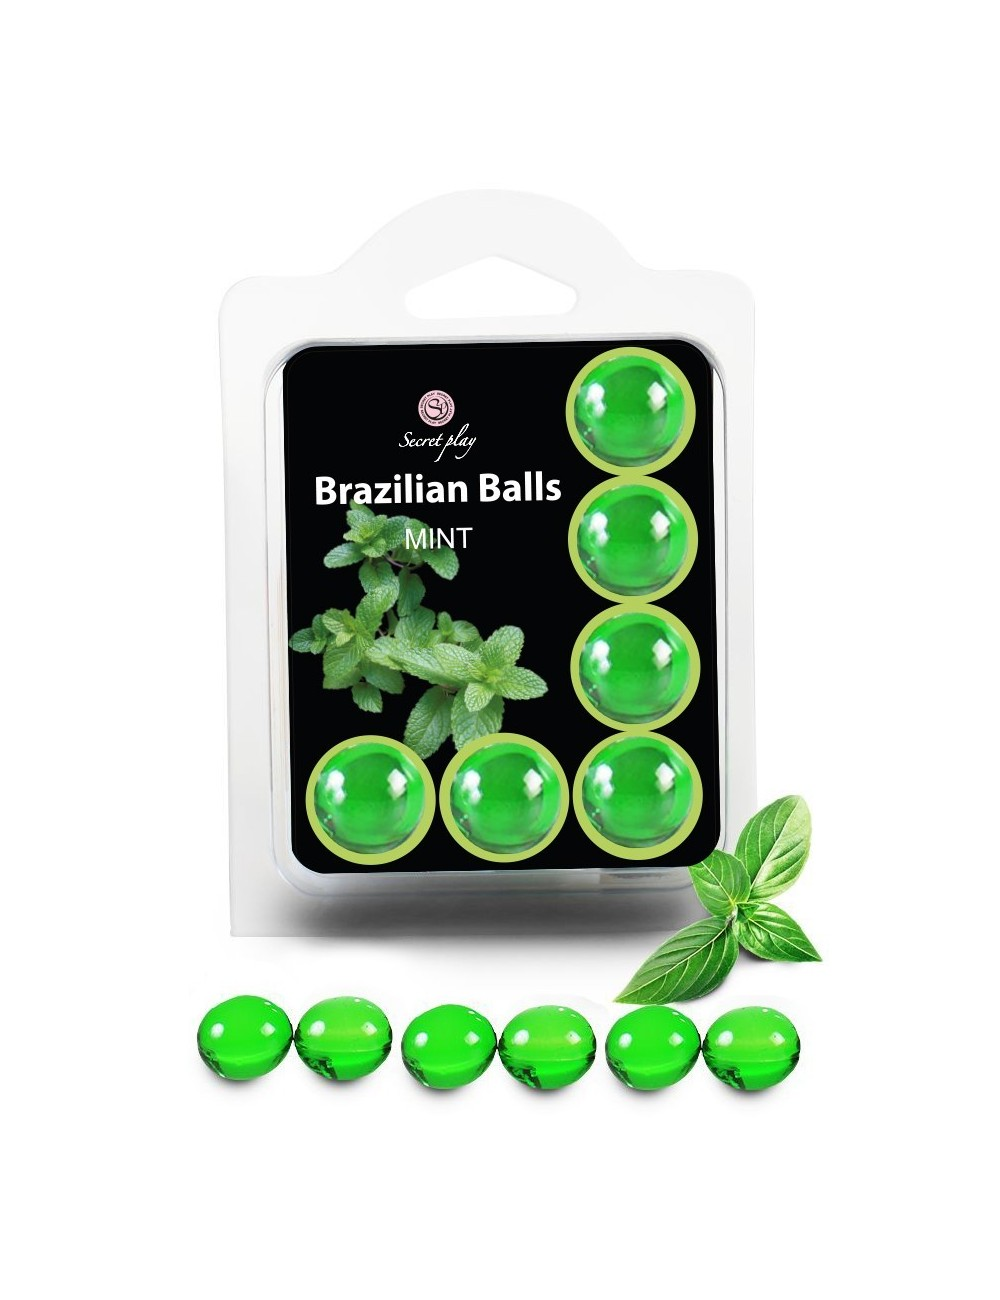 6 Brazilian Balls huile de massage effet franchiseur Menthe 3386-8 - Huiles de massage -